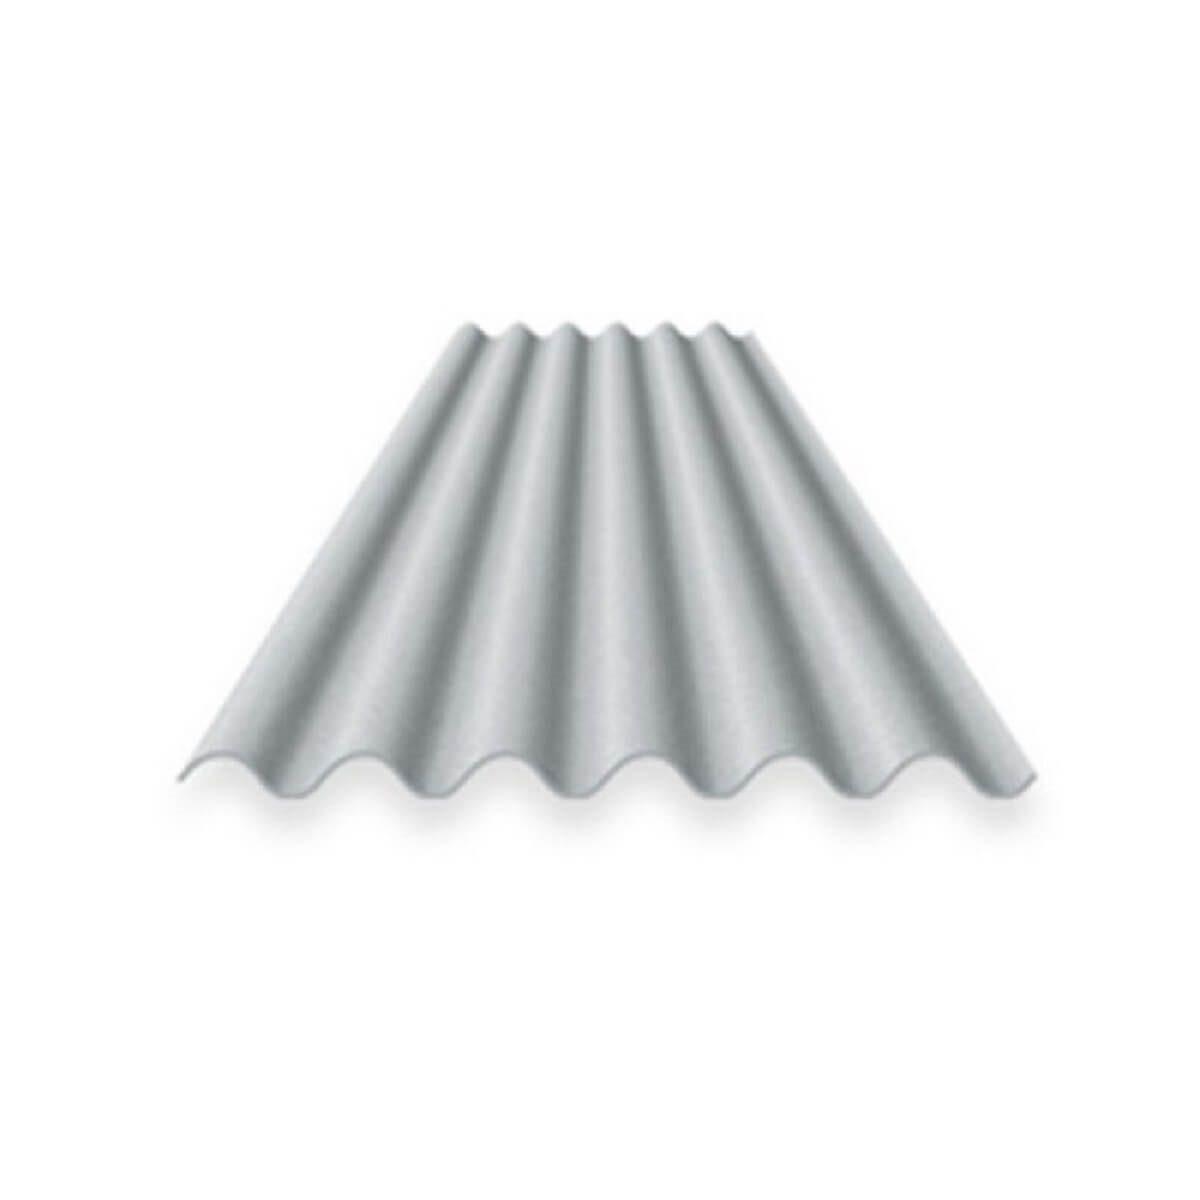 telha-em-fibrocimento-ondulada-1-10m-x-3-66-6mm